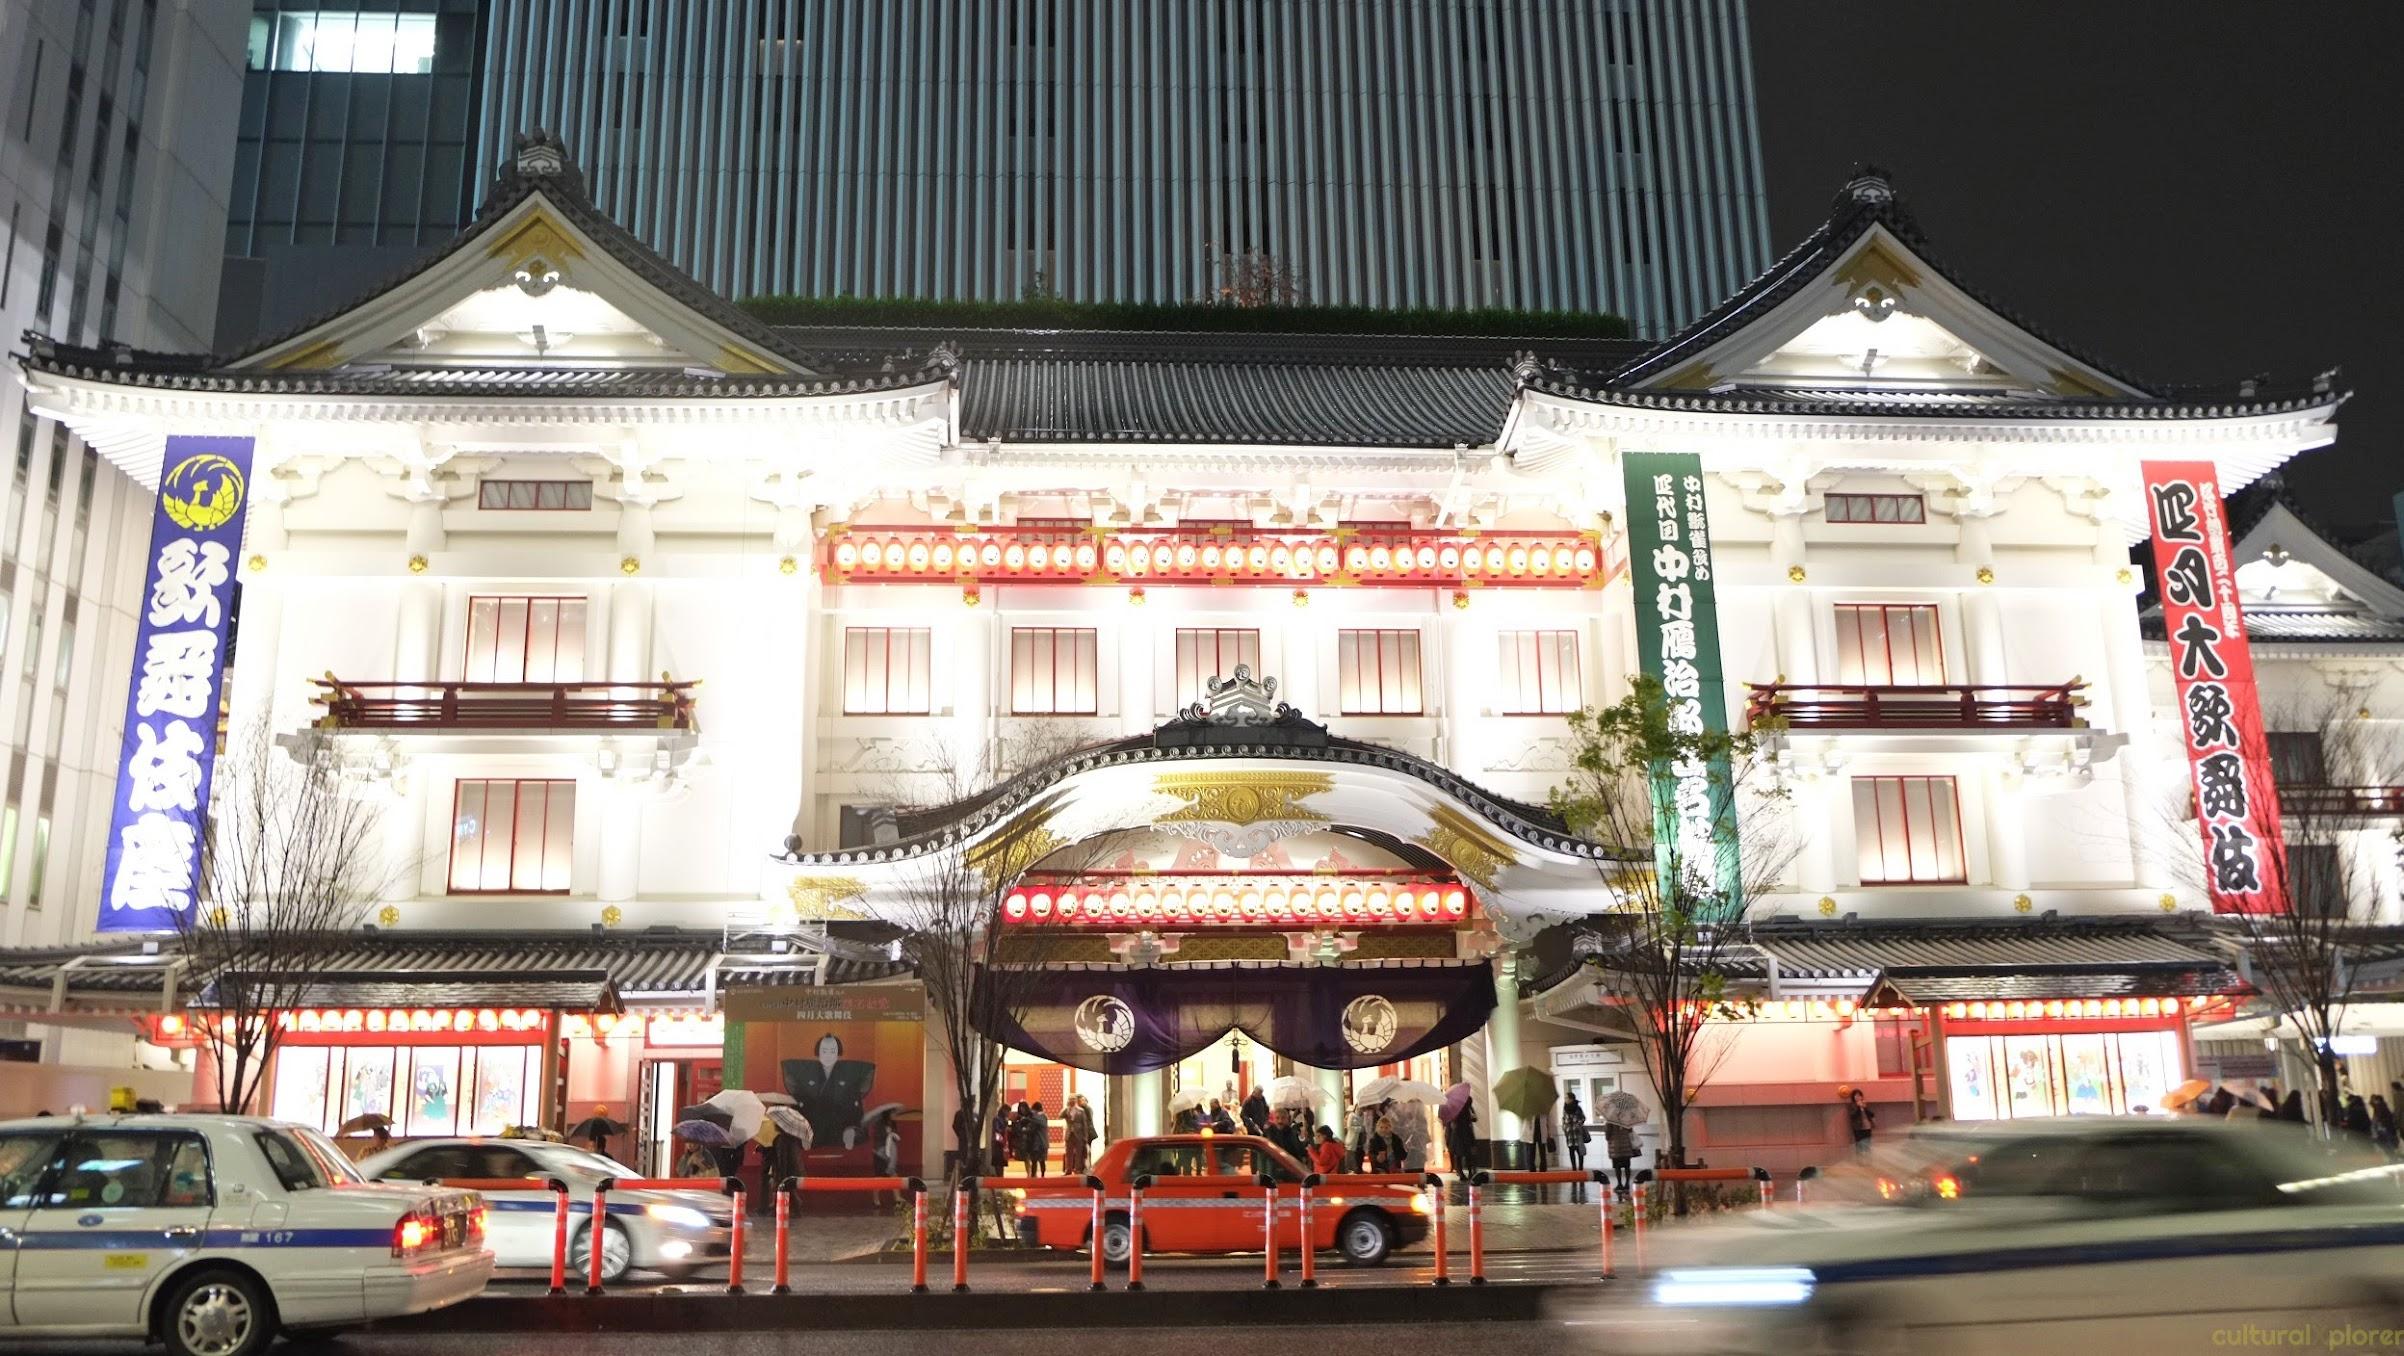 Kabukiza Theater, Ginza